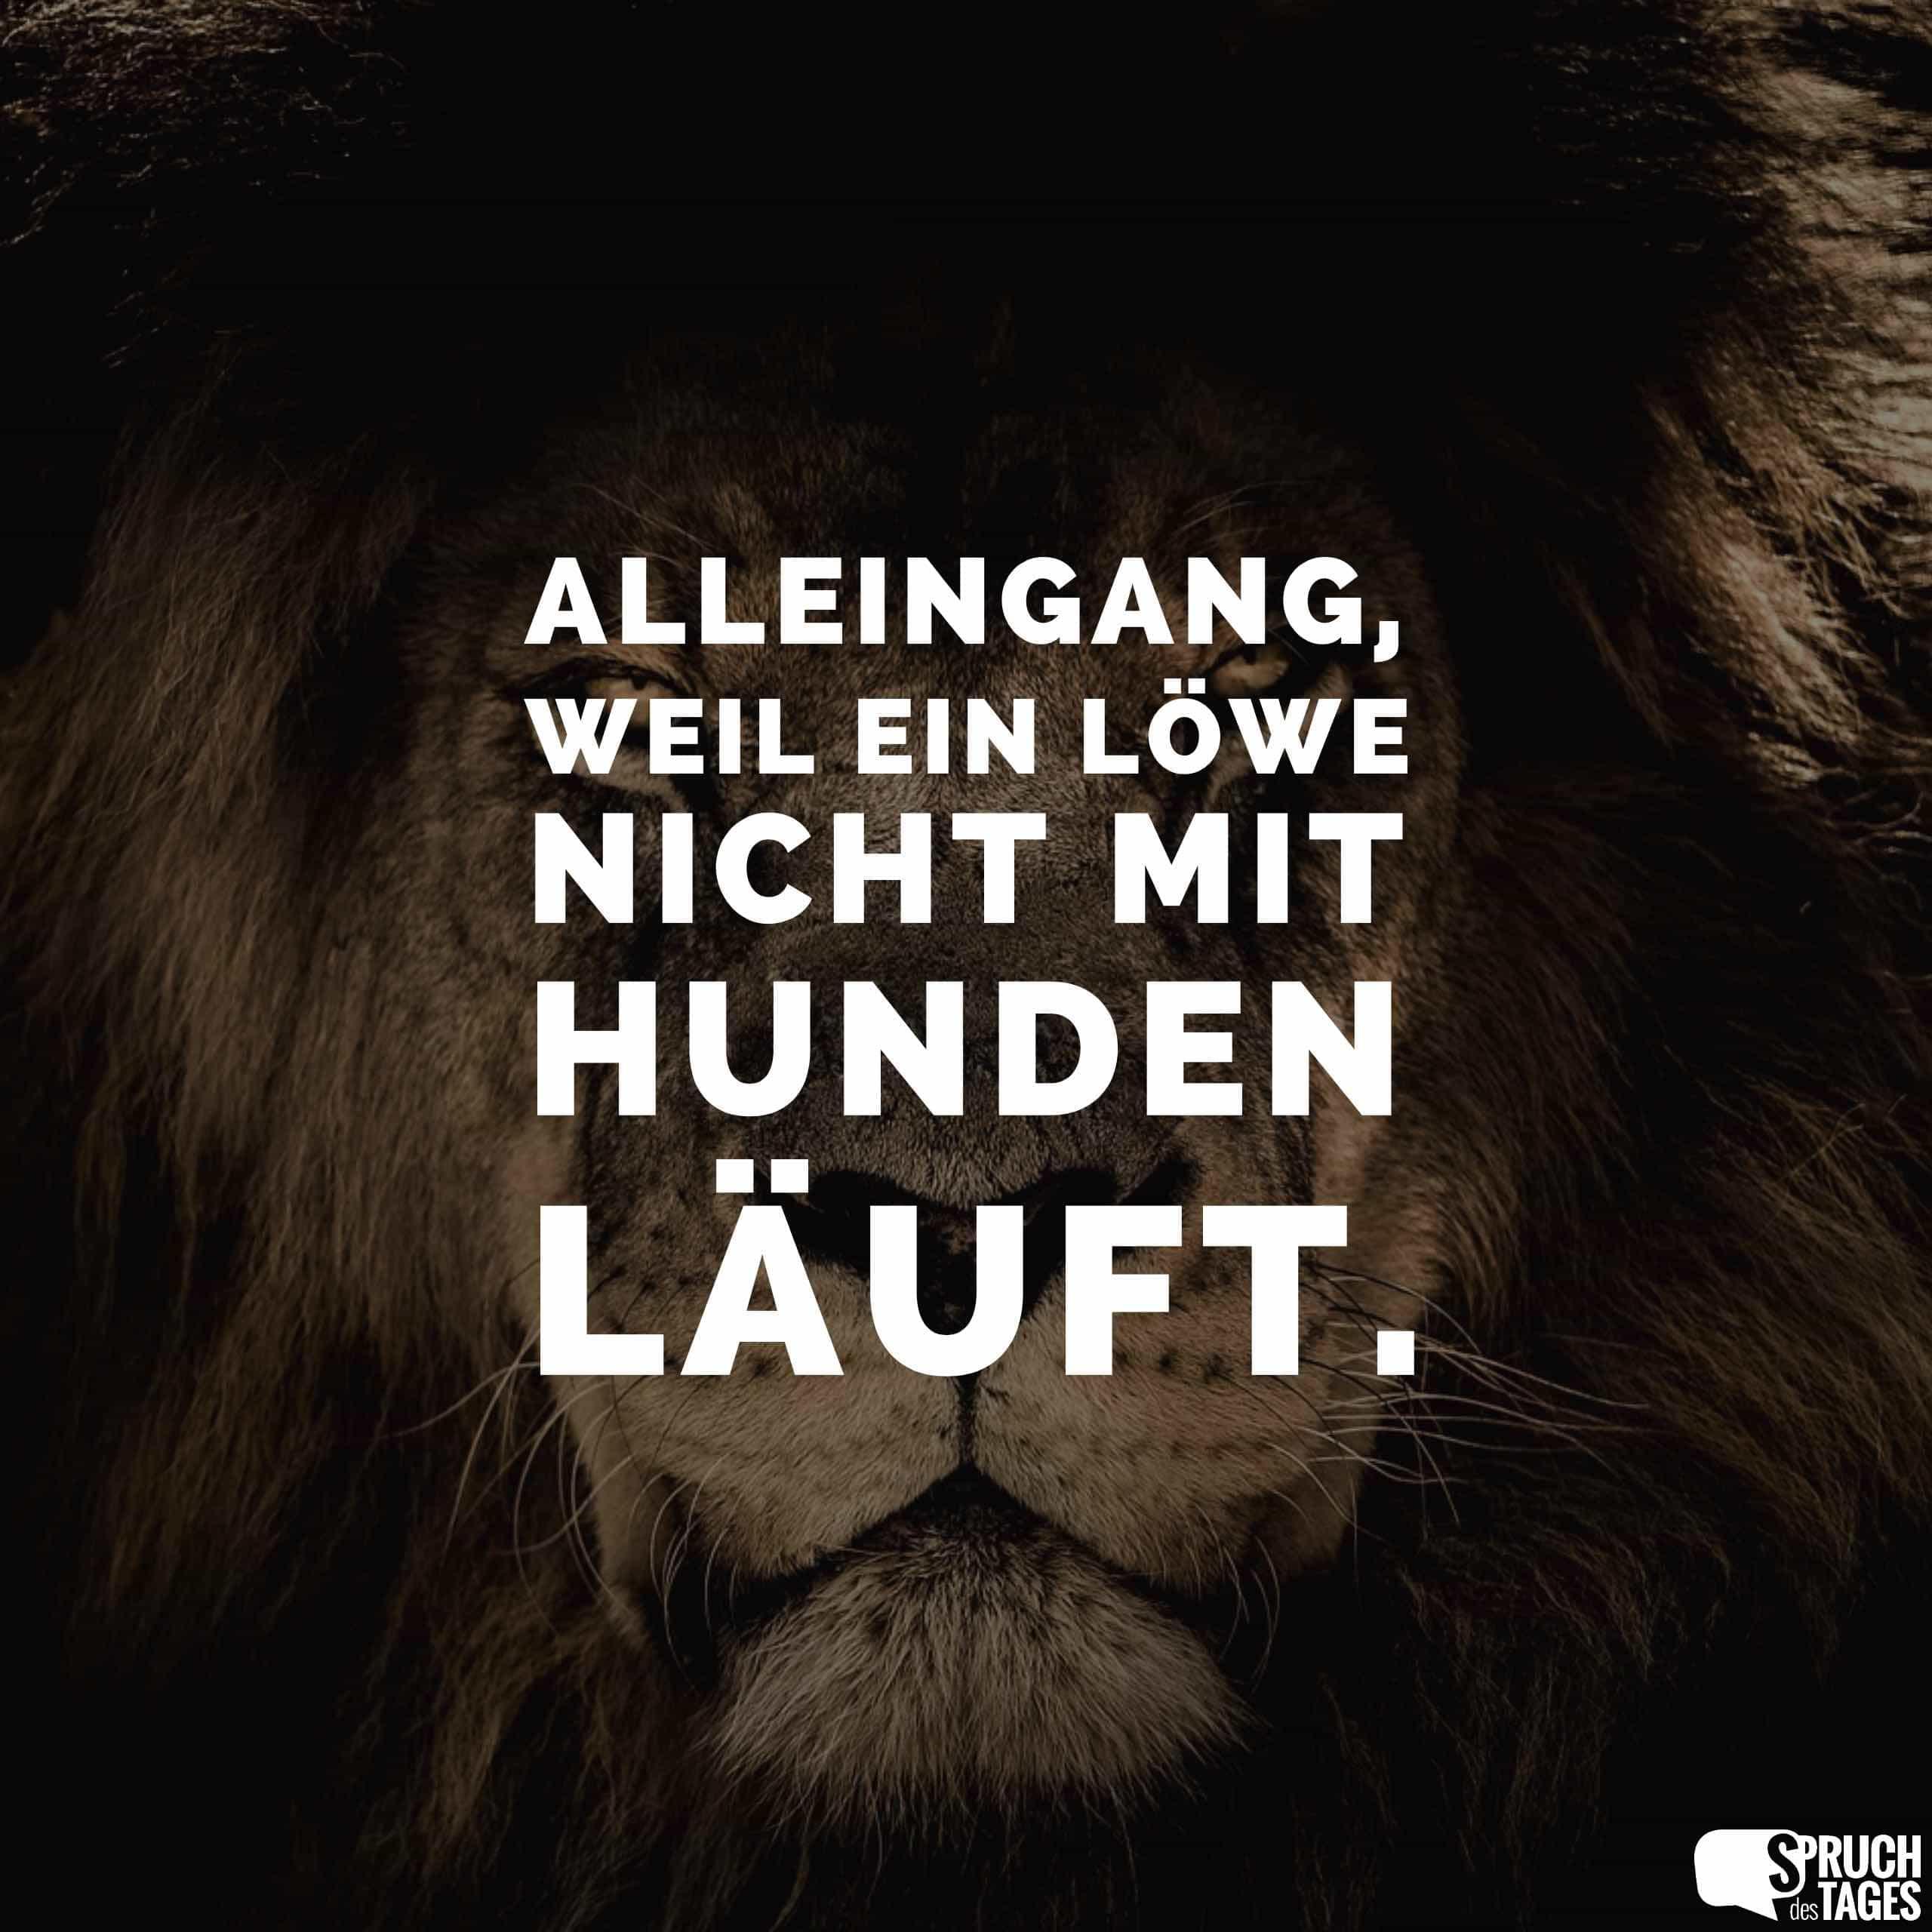 sprüche mit löwen Alleingang, weil ein Löwe nicht mit Hunden läuft. sprüche mit löwen